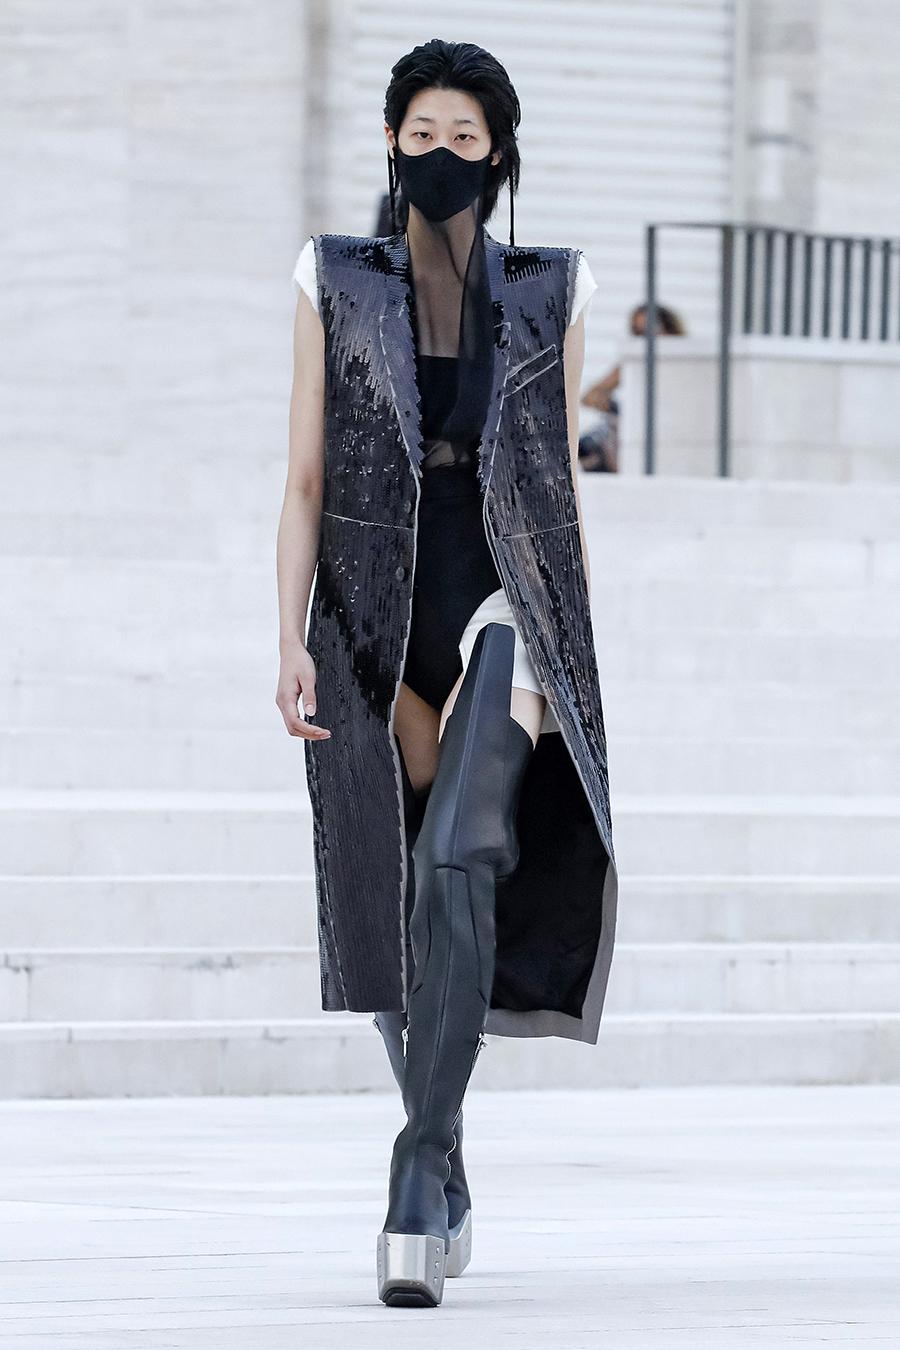 модный тренч весна 2021 длинный макси миди без рукавов жилет